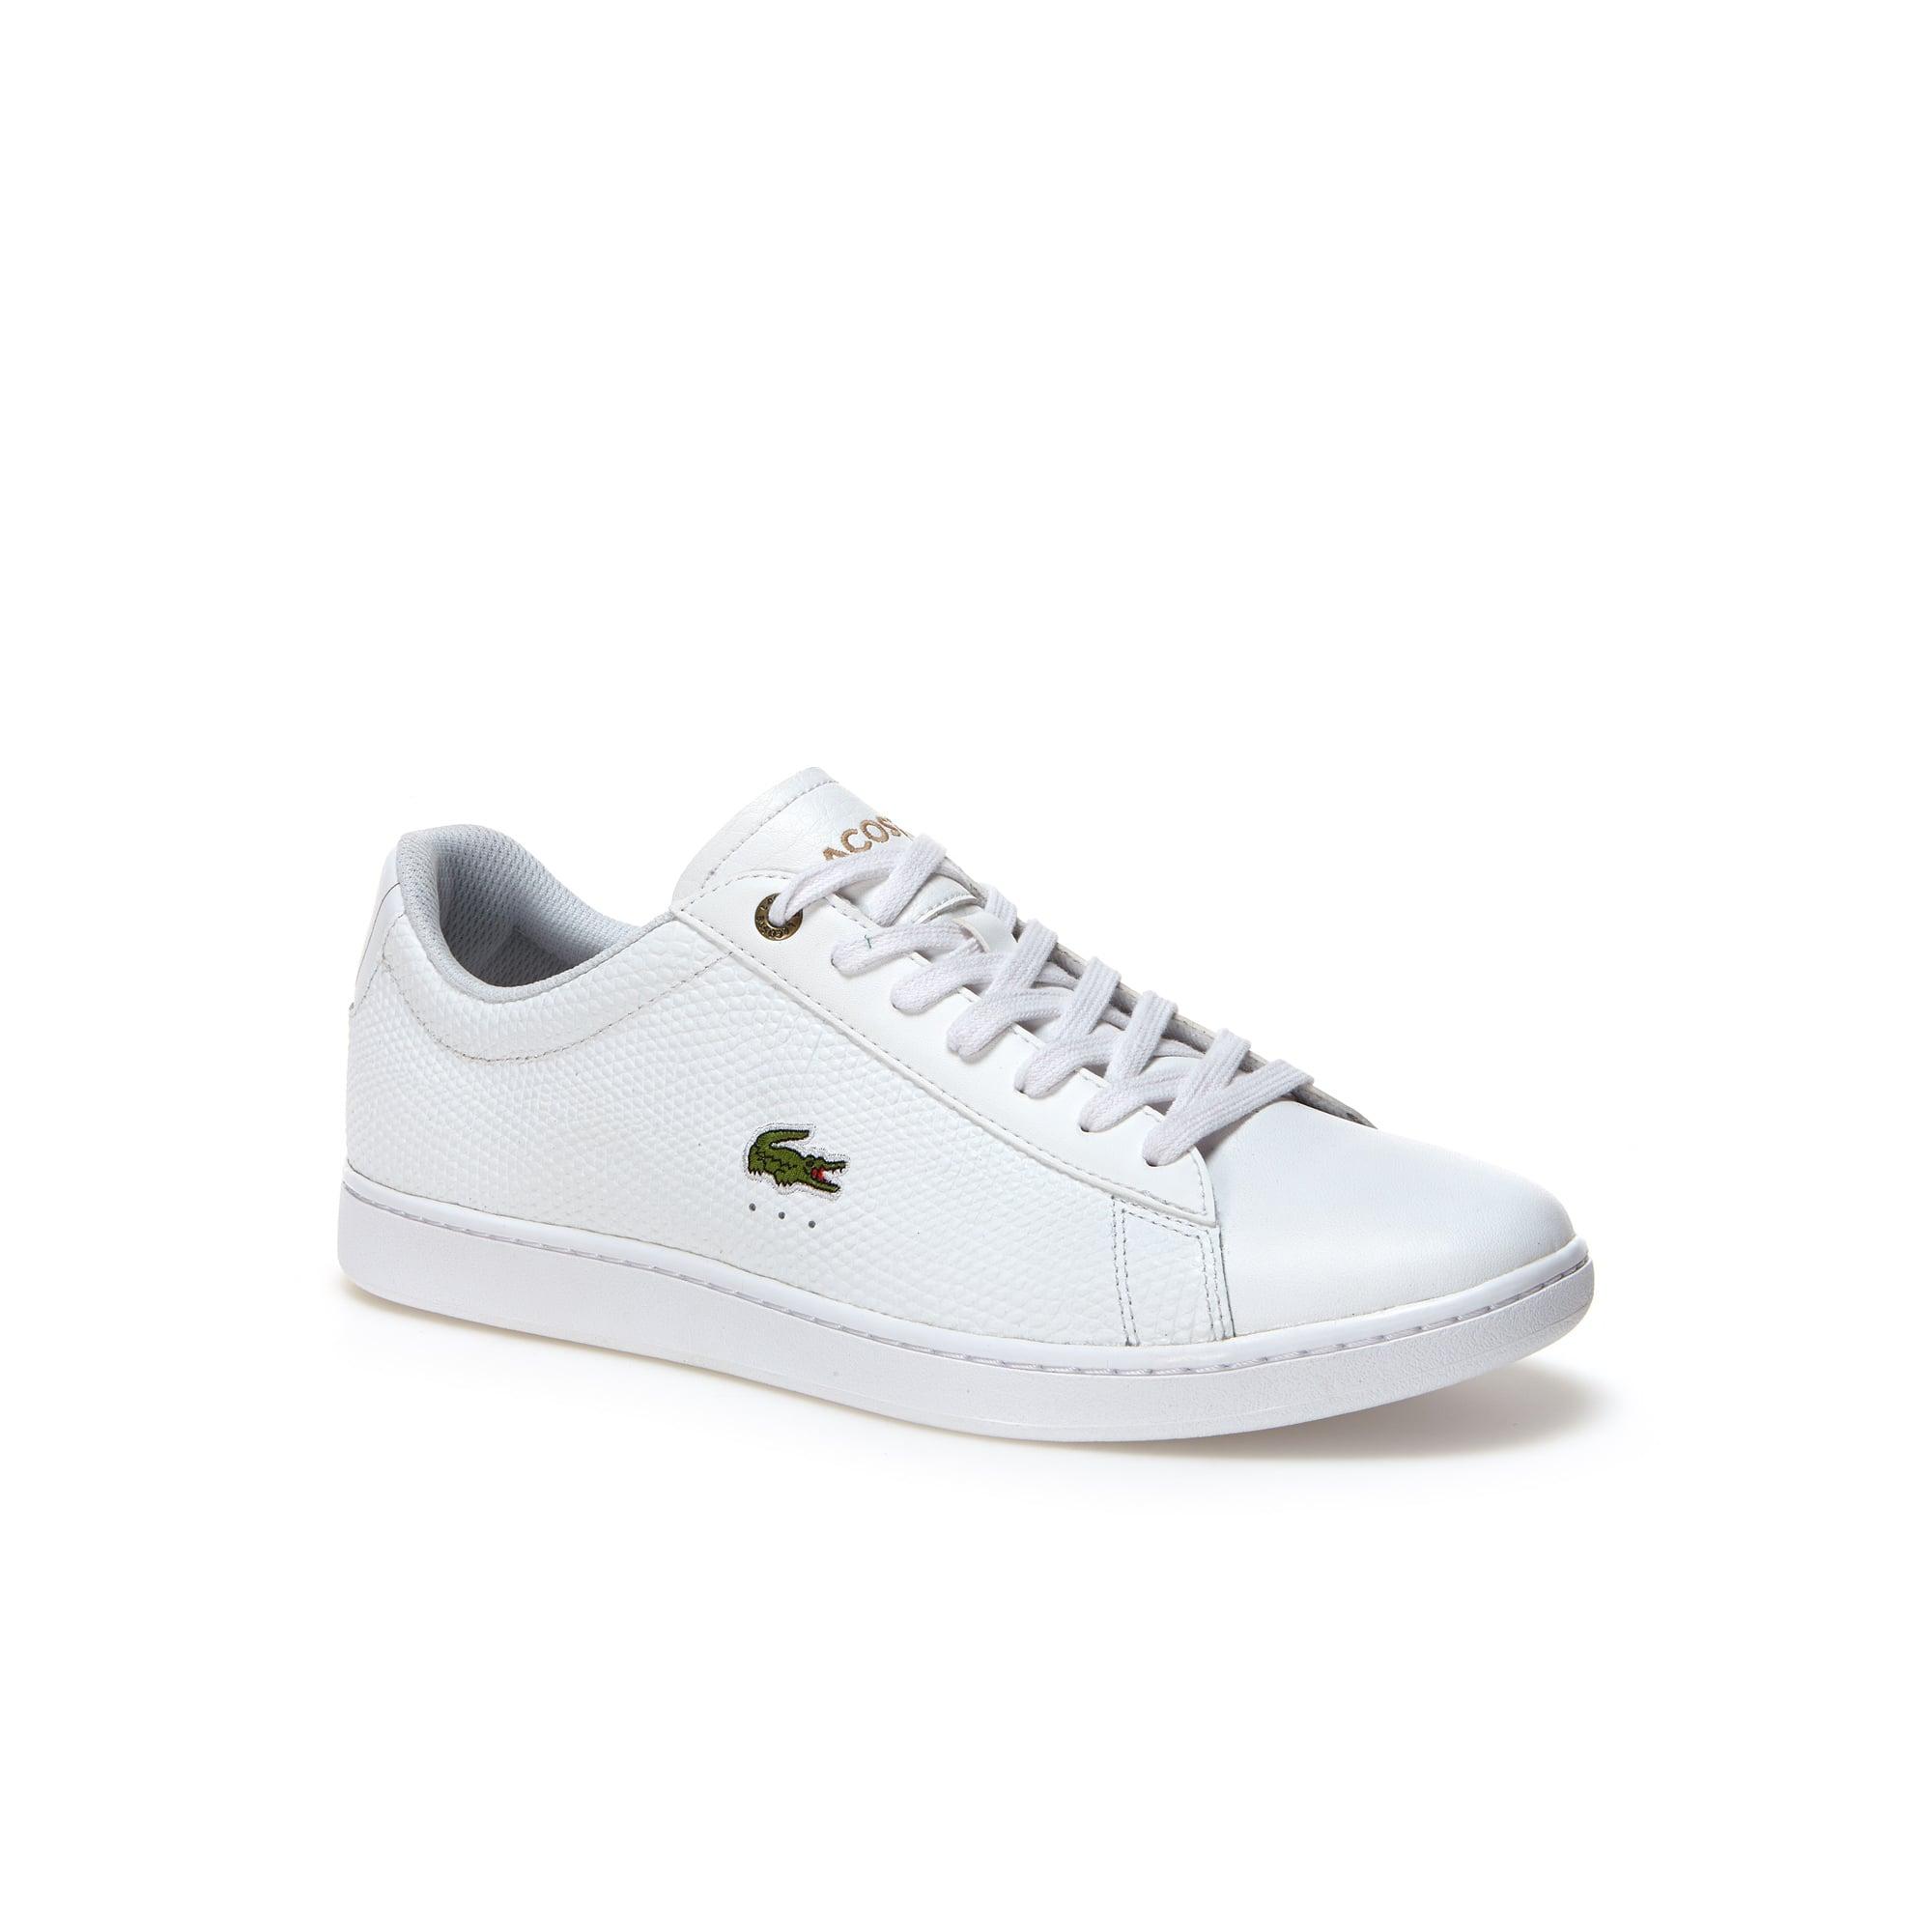 Für Lacoste Schuhe Schuhe Männerherrenschuhe Business Lacoste Für Business c5jqRLA34